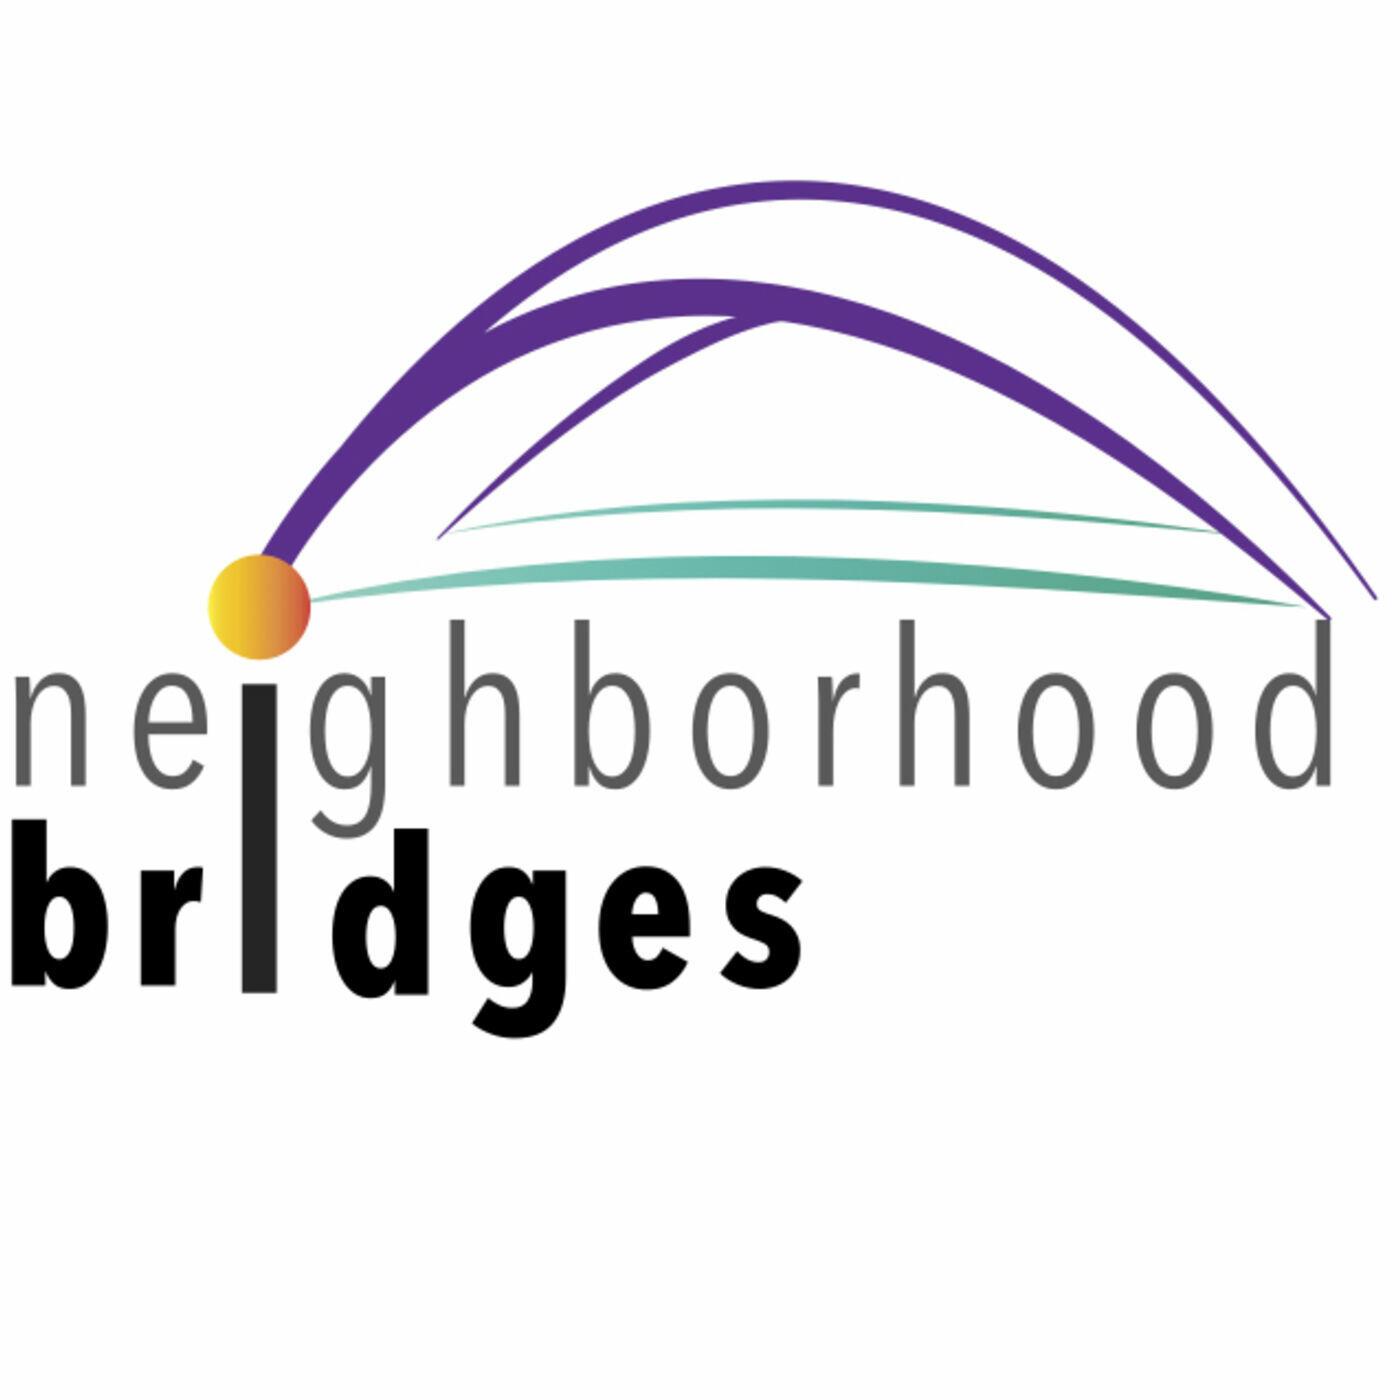 neighborhood bridges -- KindnessCast